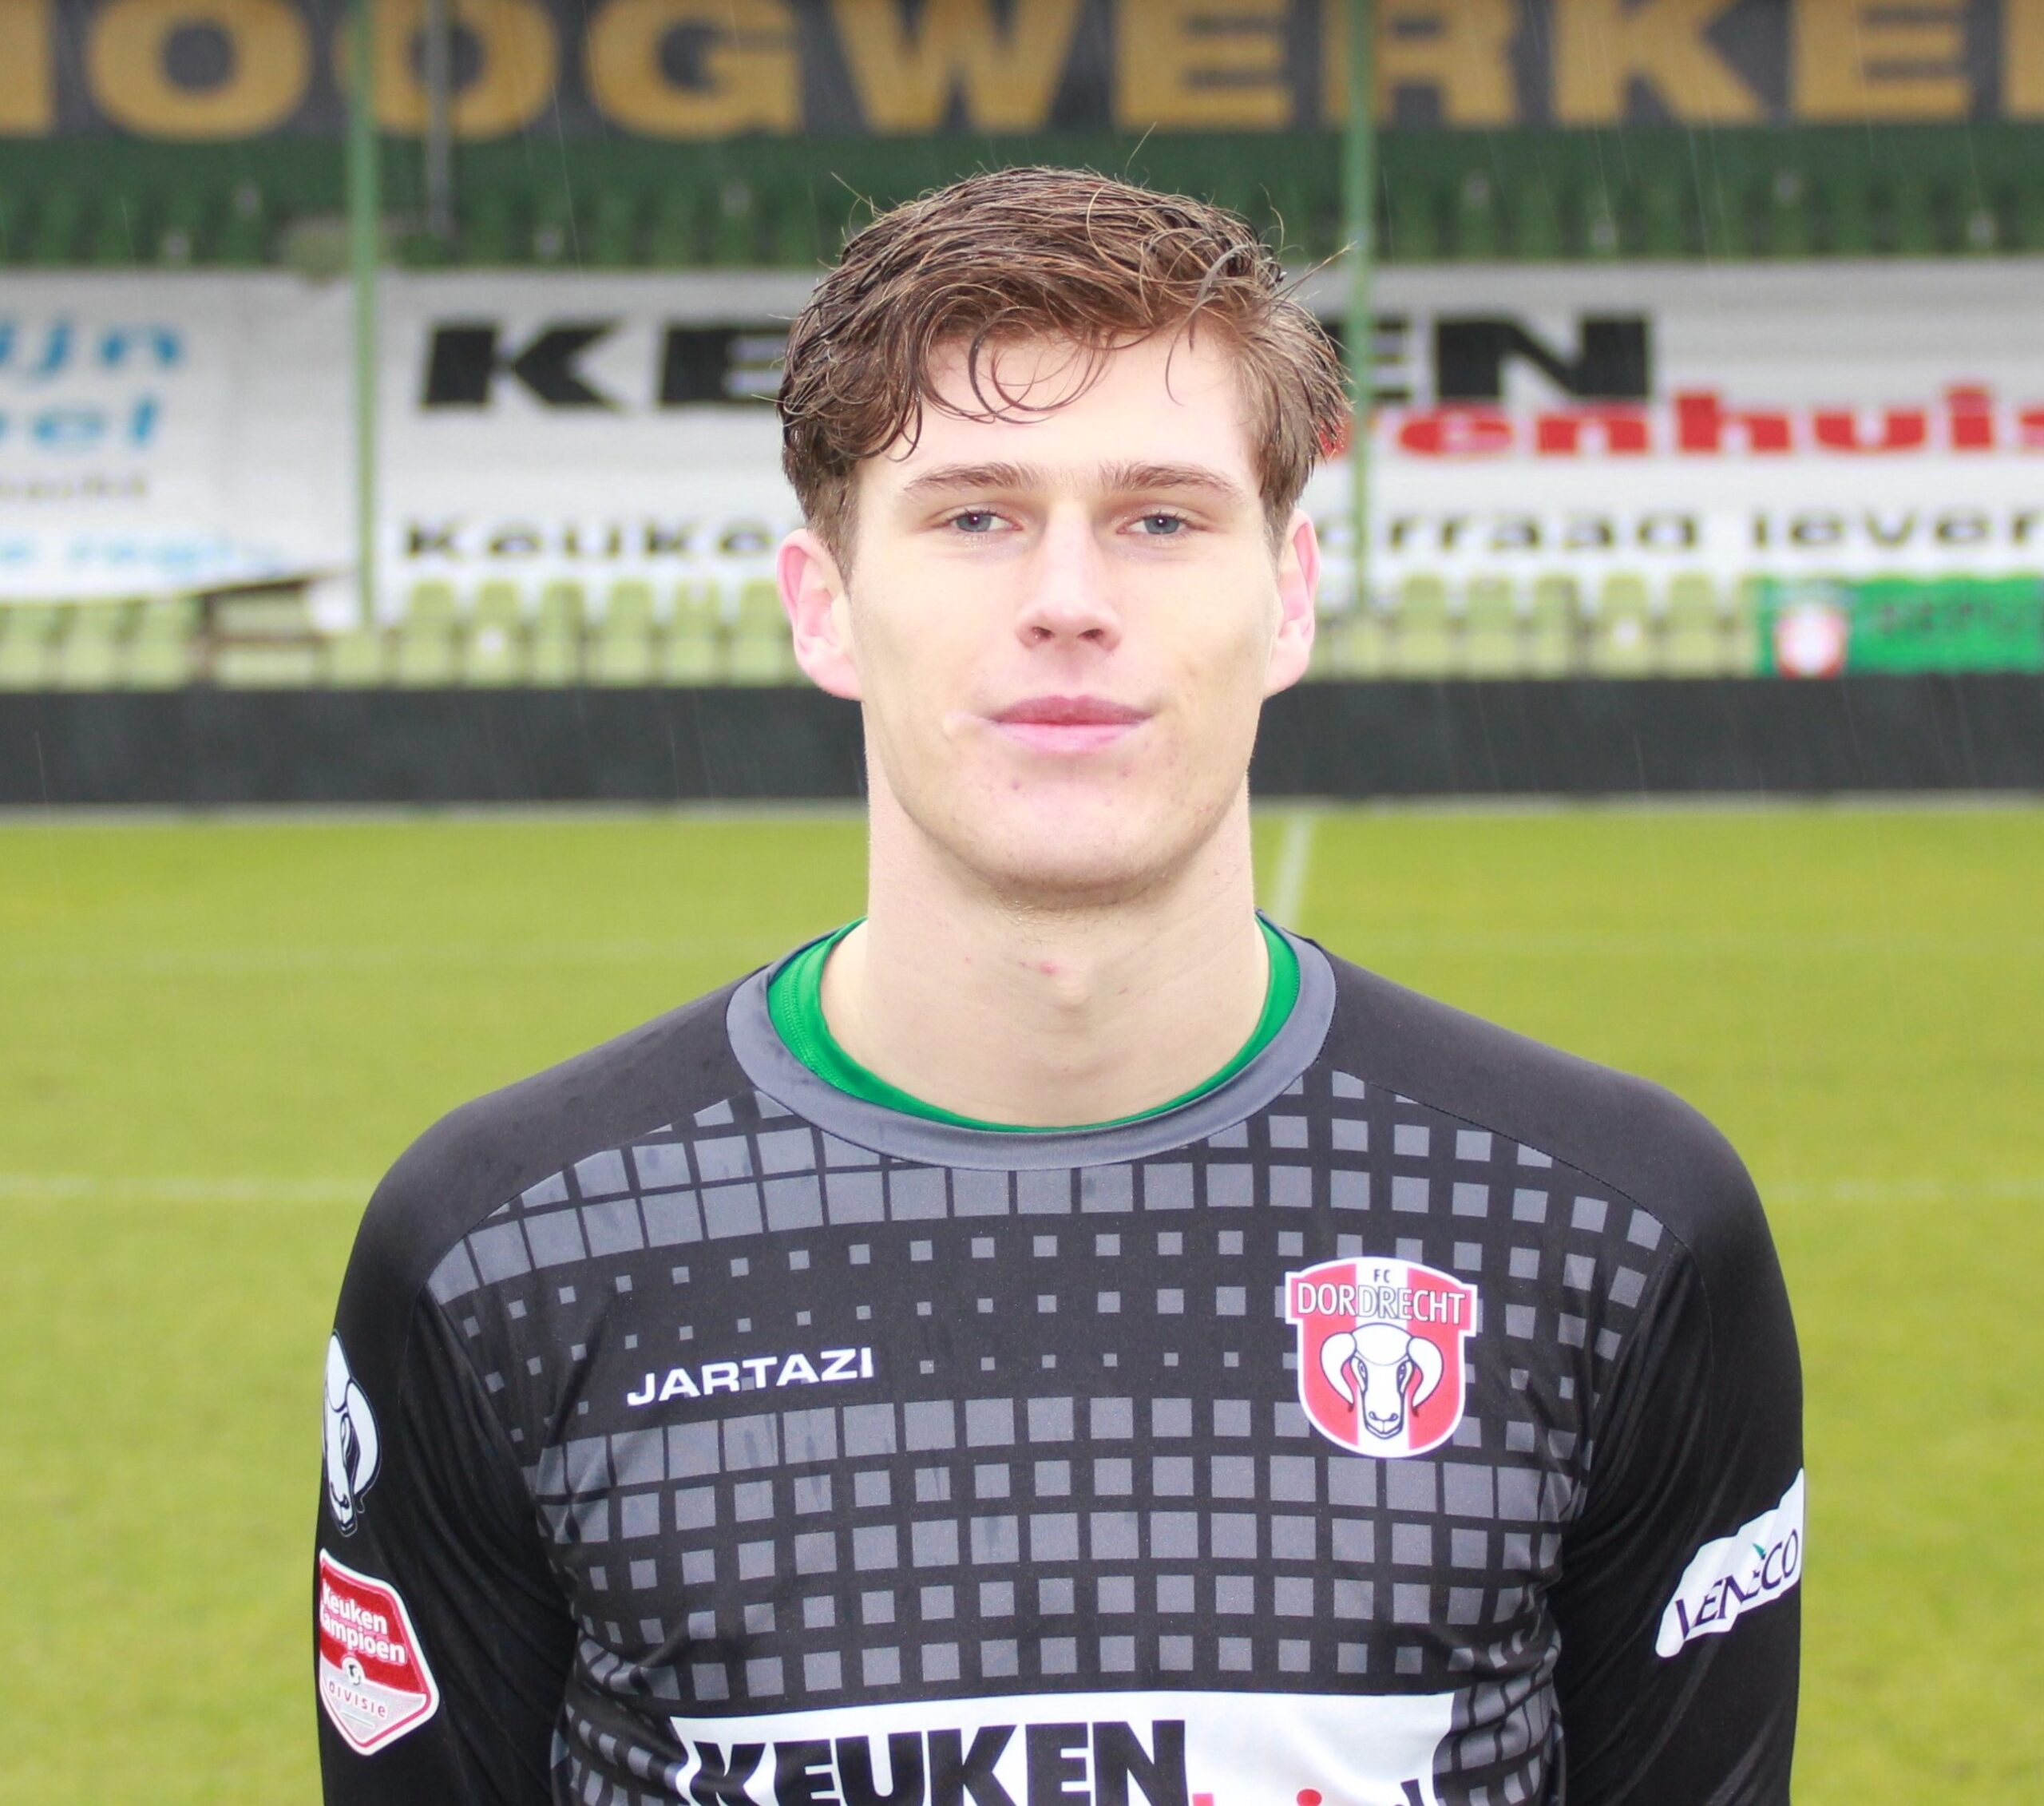 Max van Herk